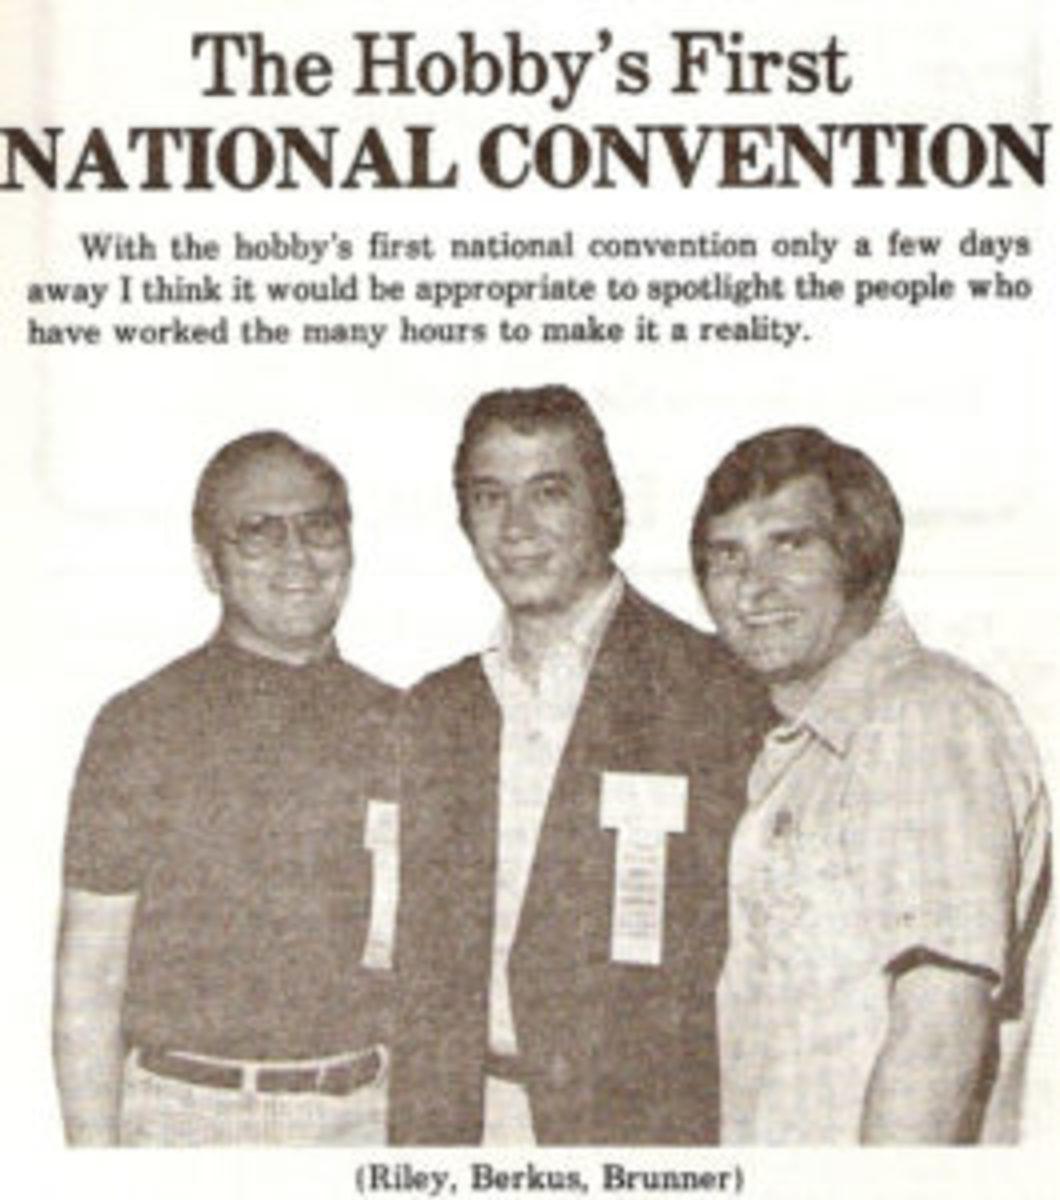 Riley, Berkus and Brunner in the September 1980 issue of Trader Speaks.